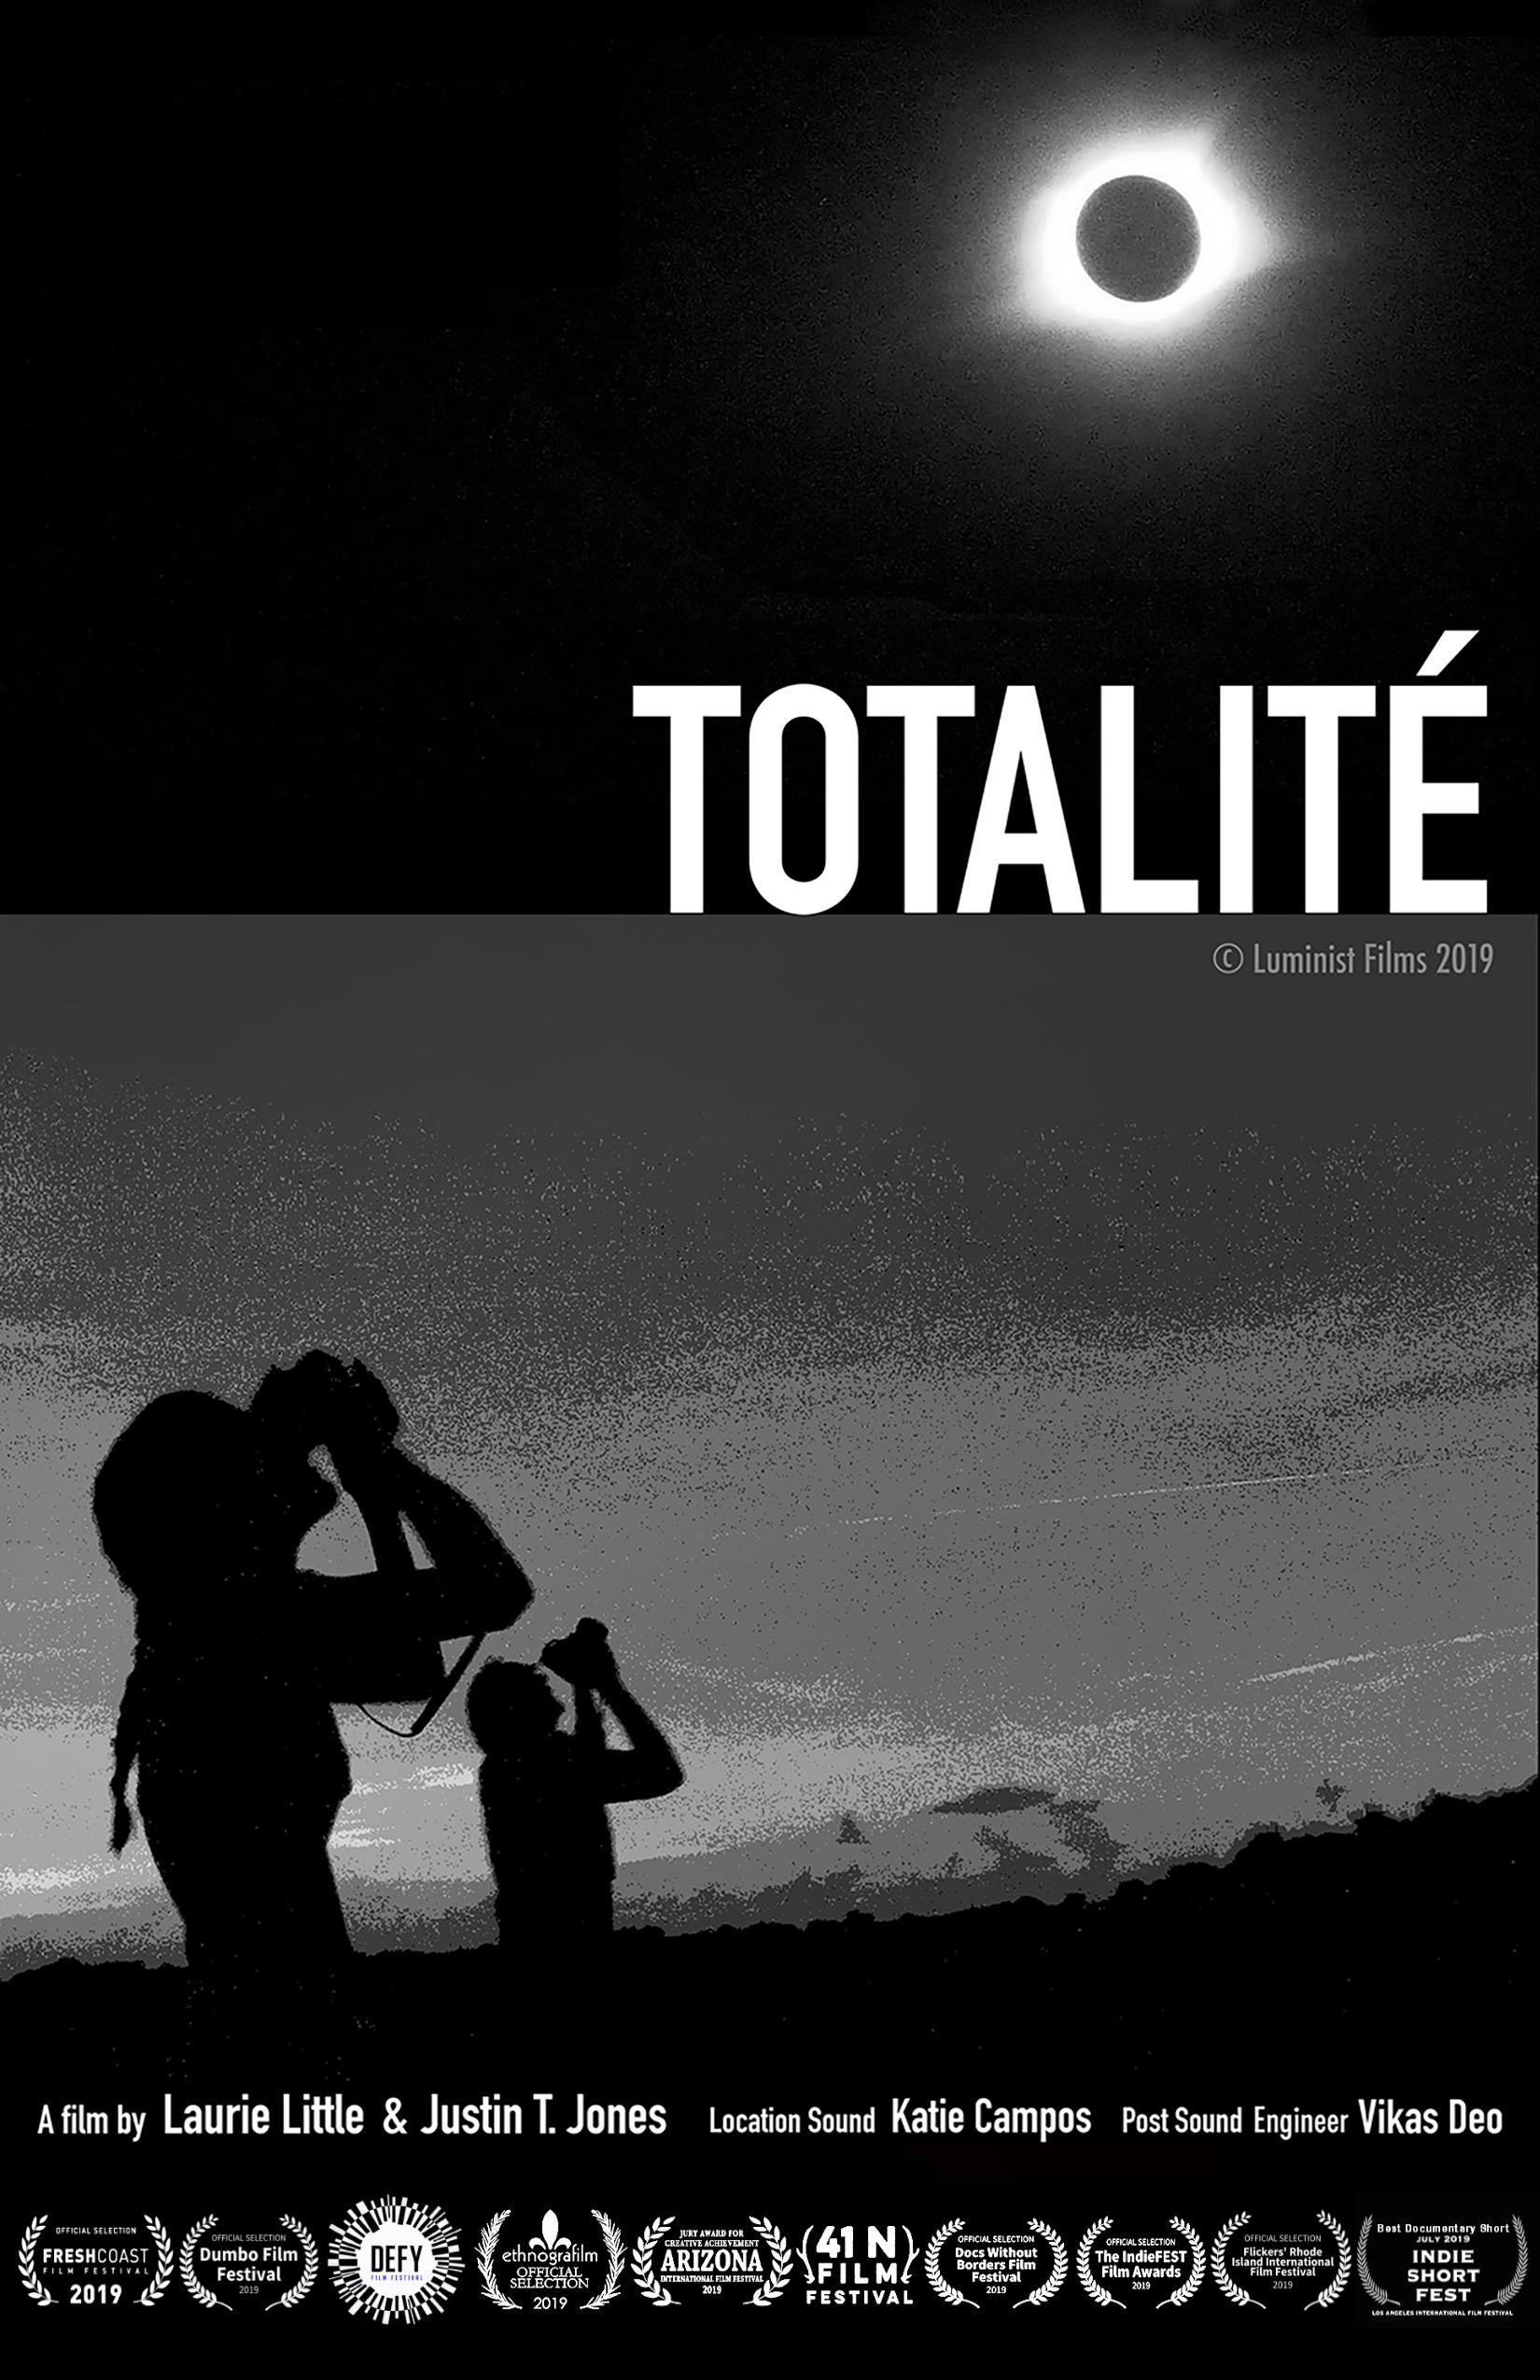 Totalité+Poster+Graphics2+by+Bob+Scheffler.jpg